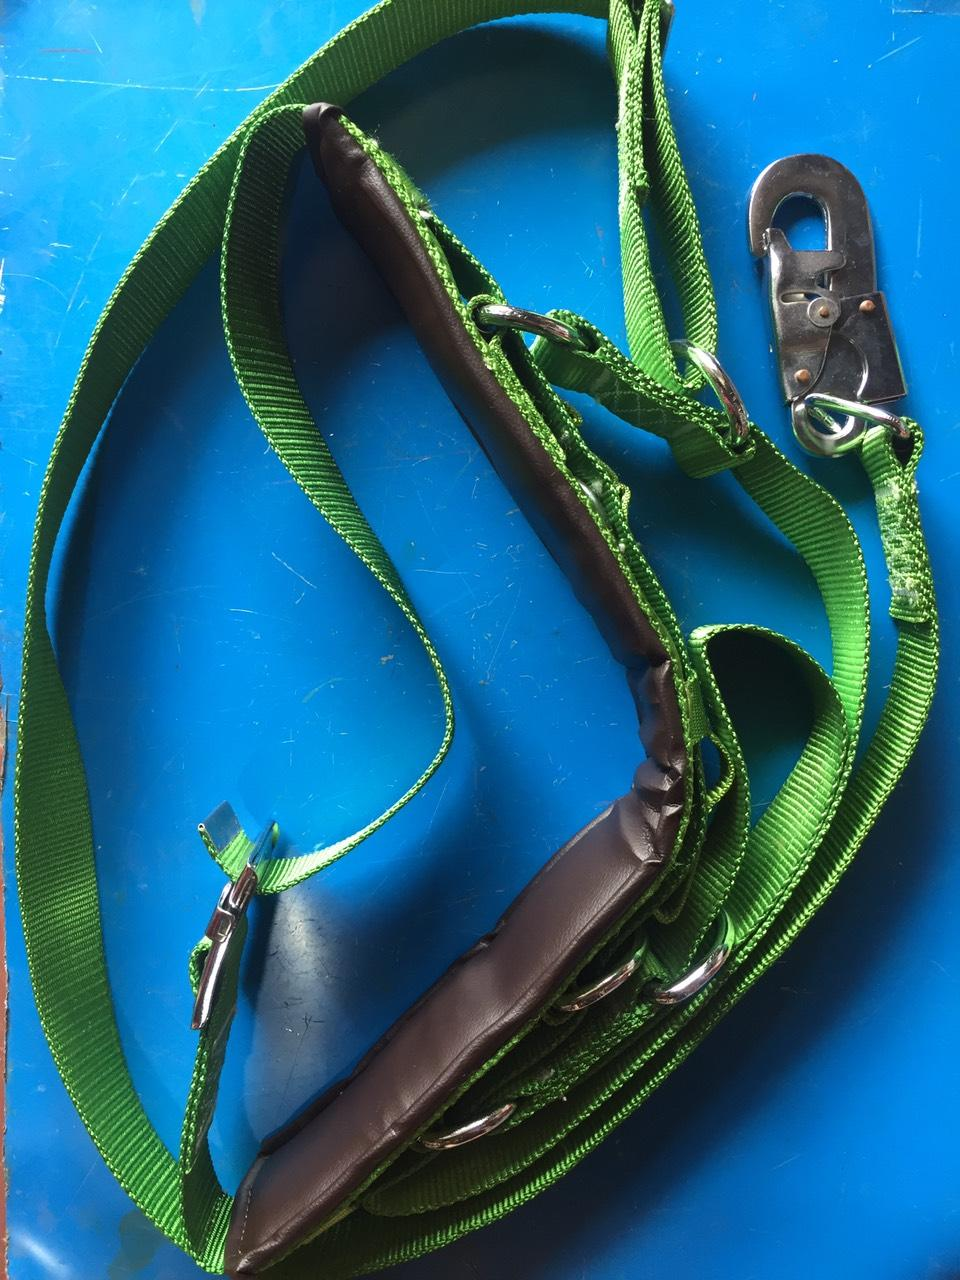 Dây an toàn lao động HAN-KO loại 1 có ghế ngồi , dây an toàn trèo cột điện, dây bảo hiểm leo núi, dây bảo hiểm leo cây